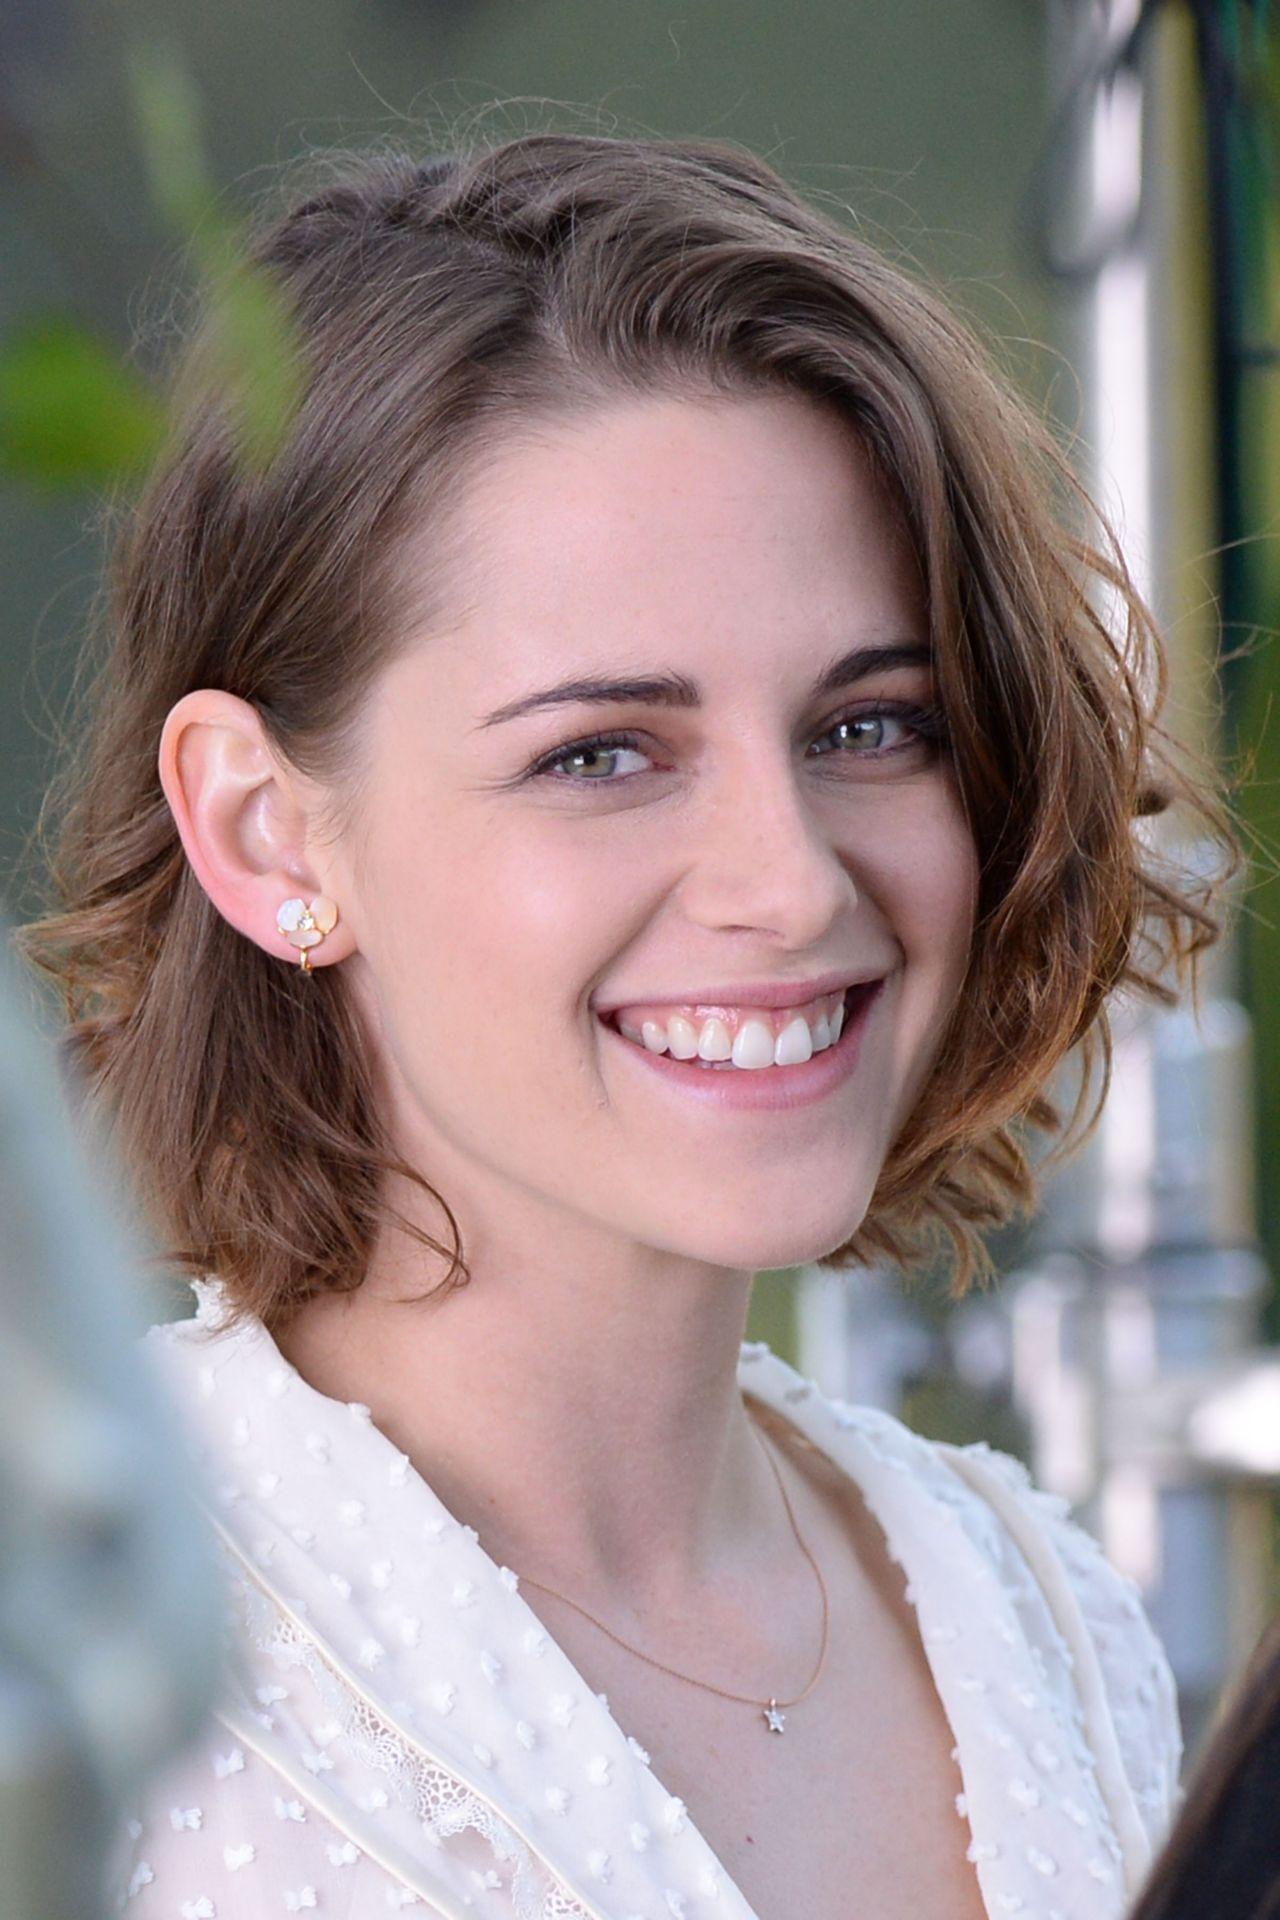 Kristen Stewart For More Visit Wwwcharmingdamselstk K Stew